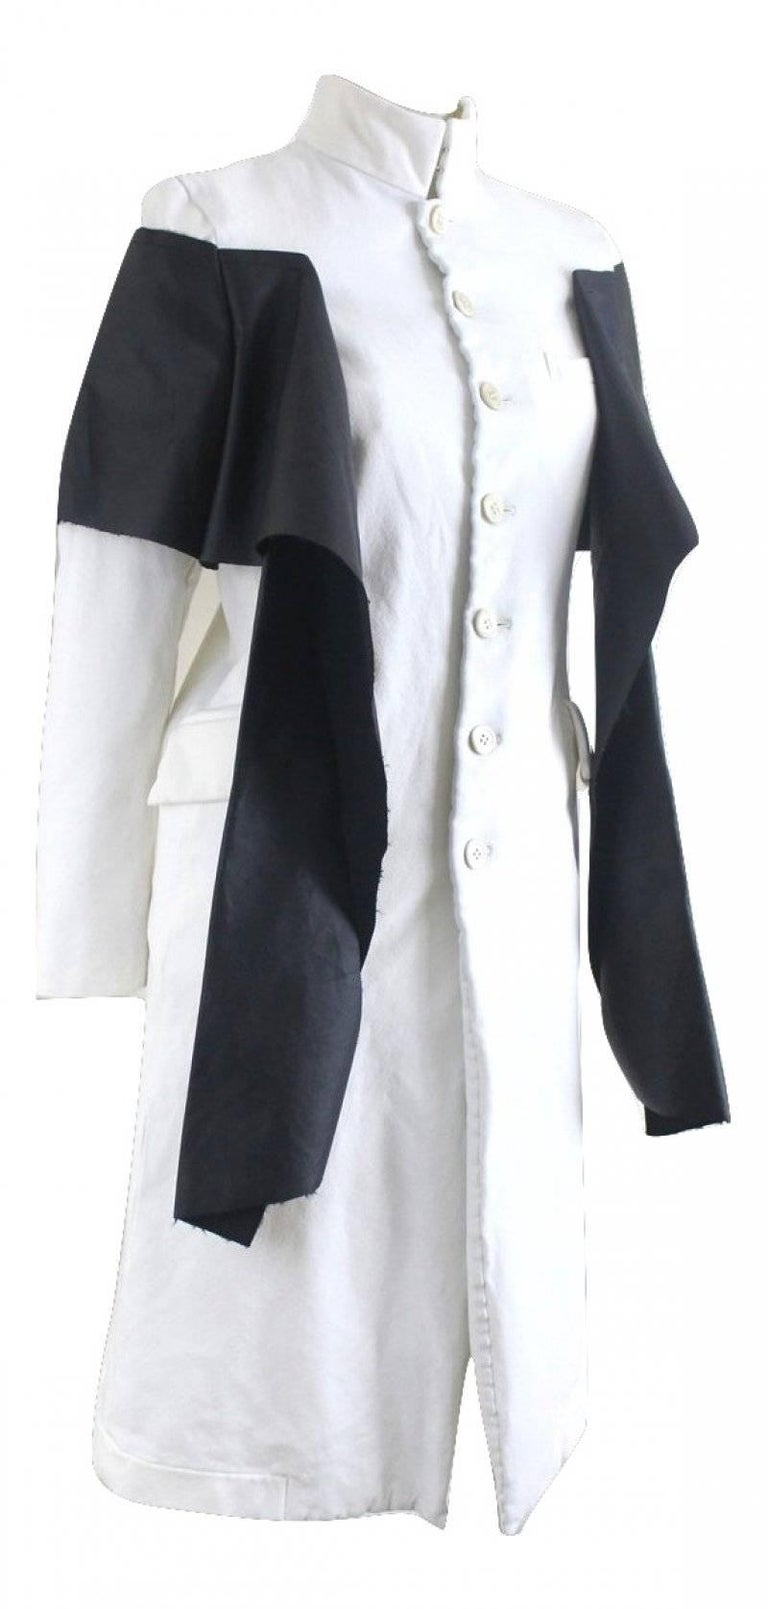 Comme des Garcons 2010 Collection Coat 6